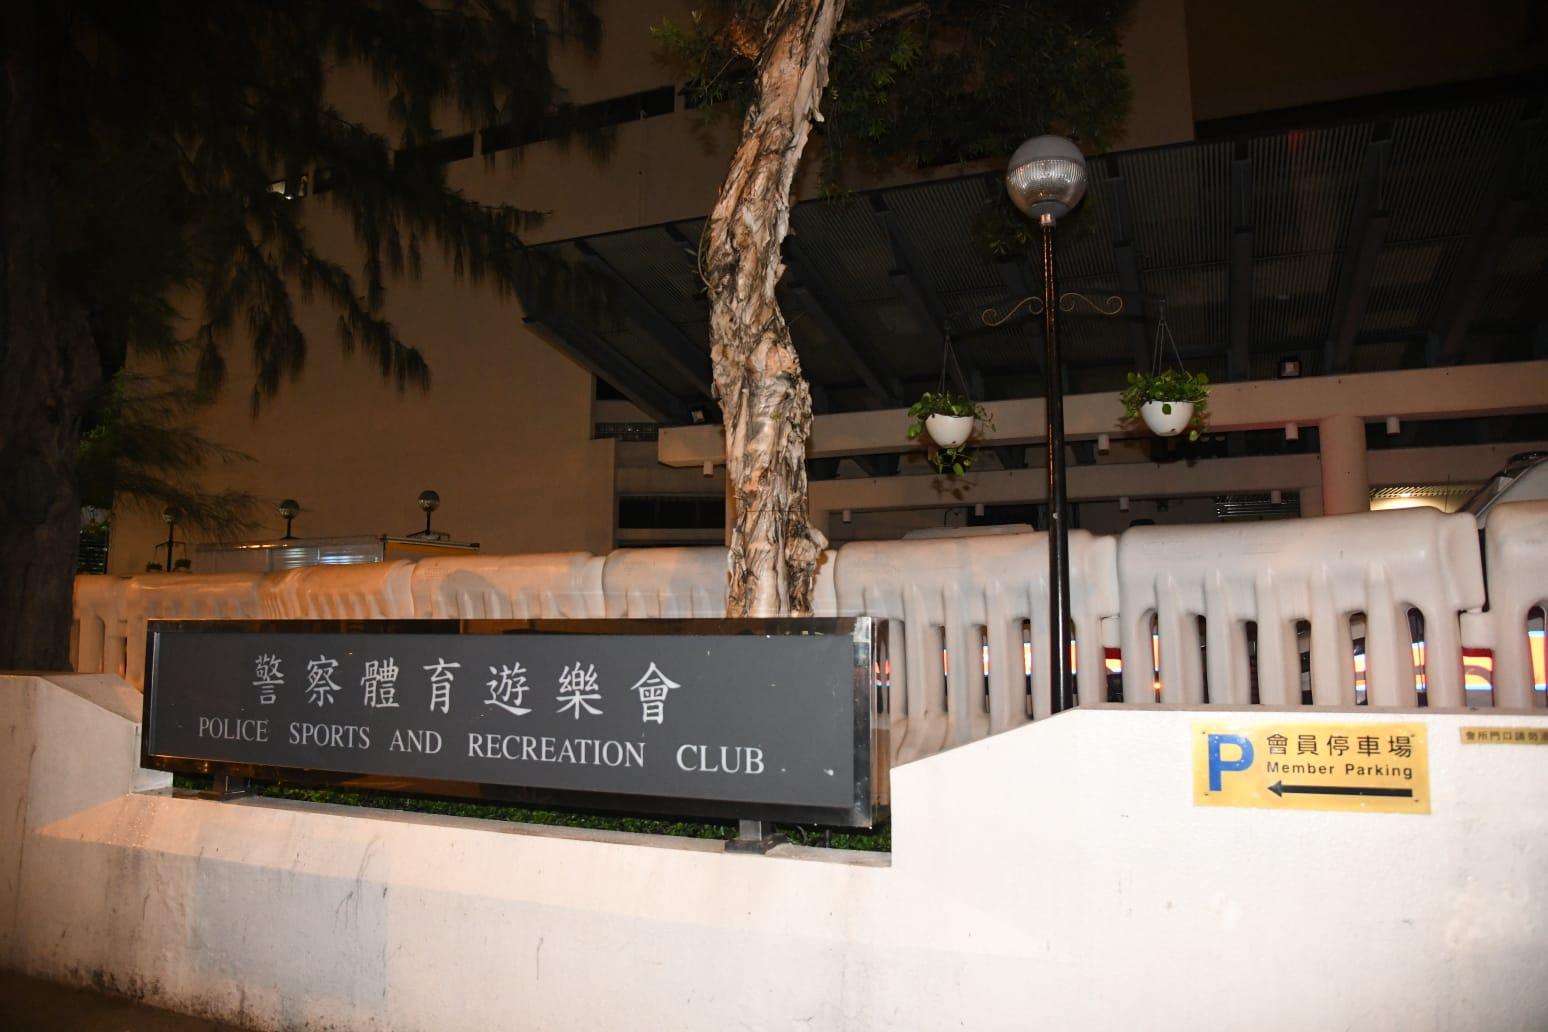 警察體育遊樂會及旺角東站 遭投擲多個汽油彈 | 多倫多 | 加拿大中文新聞網 - 加拿大星島日報 Canada Chinese News